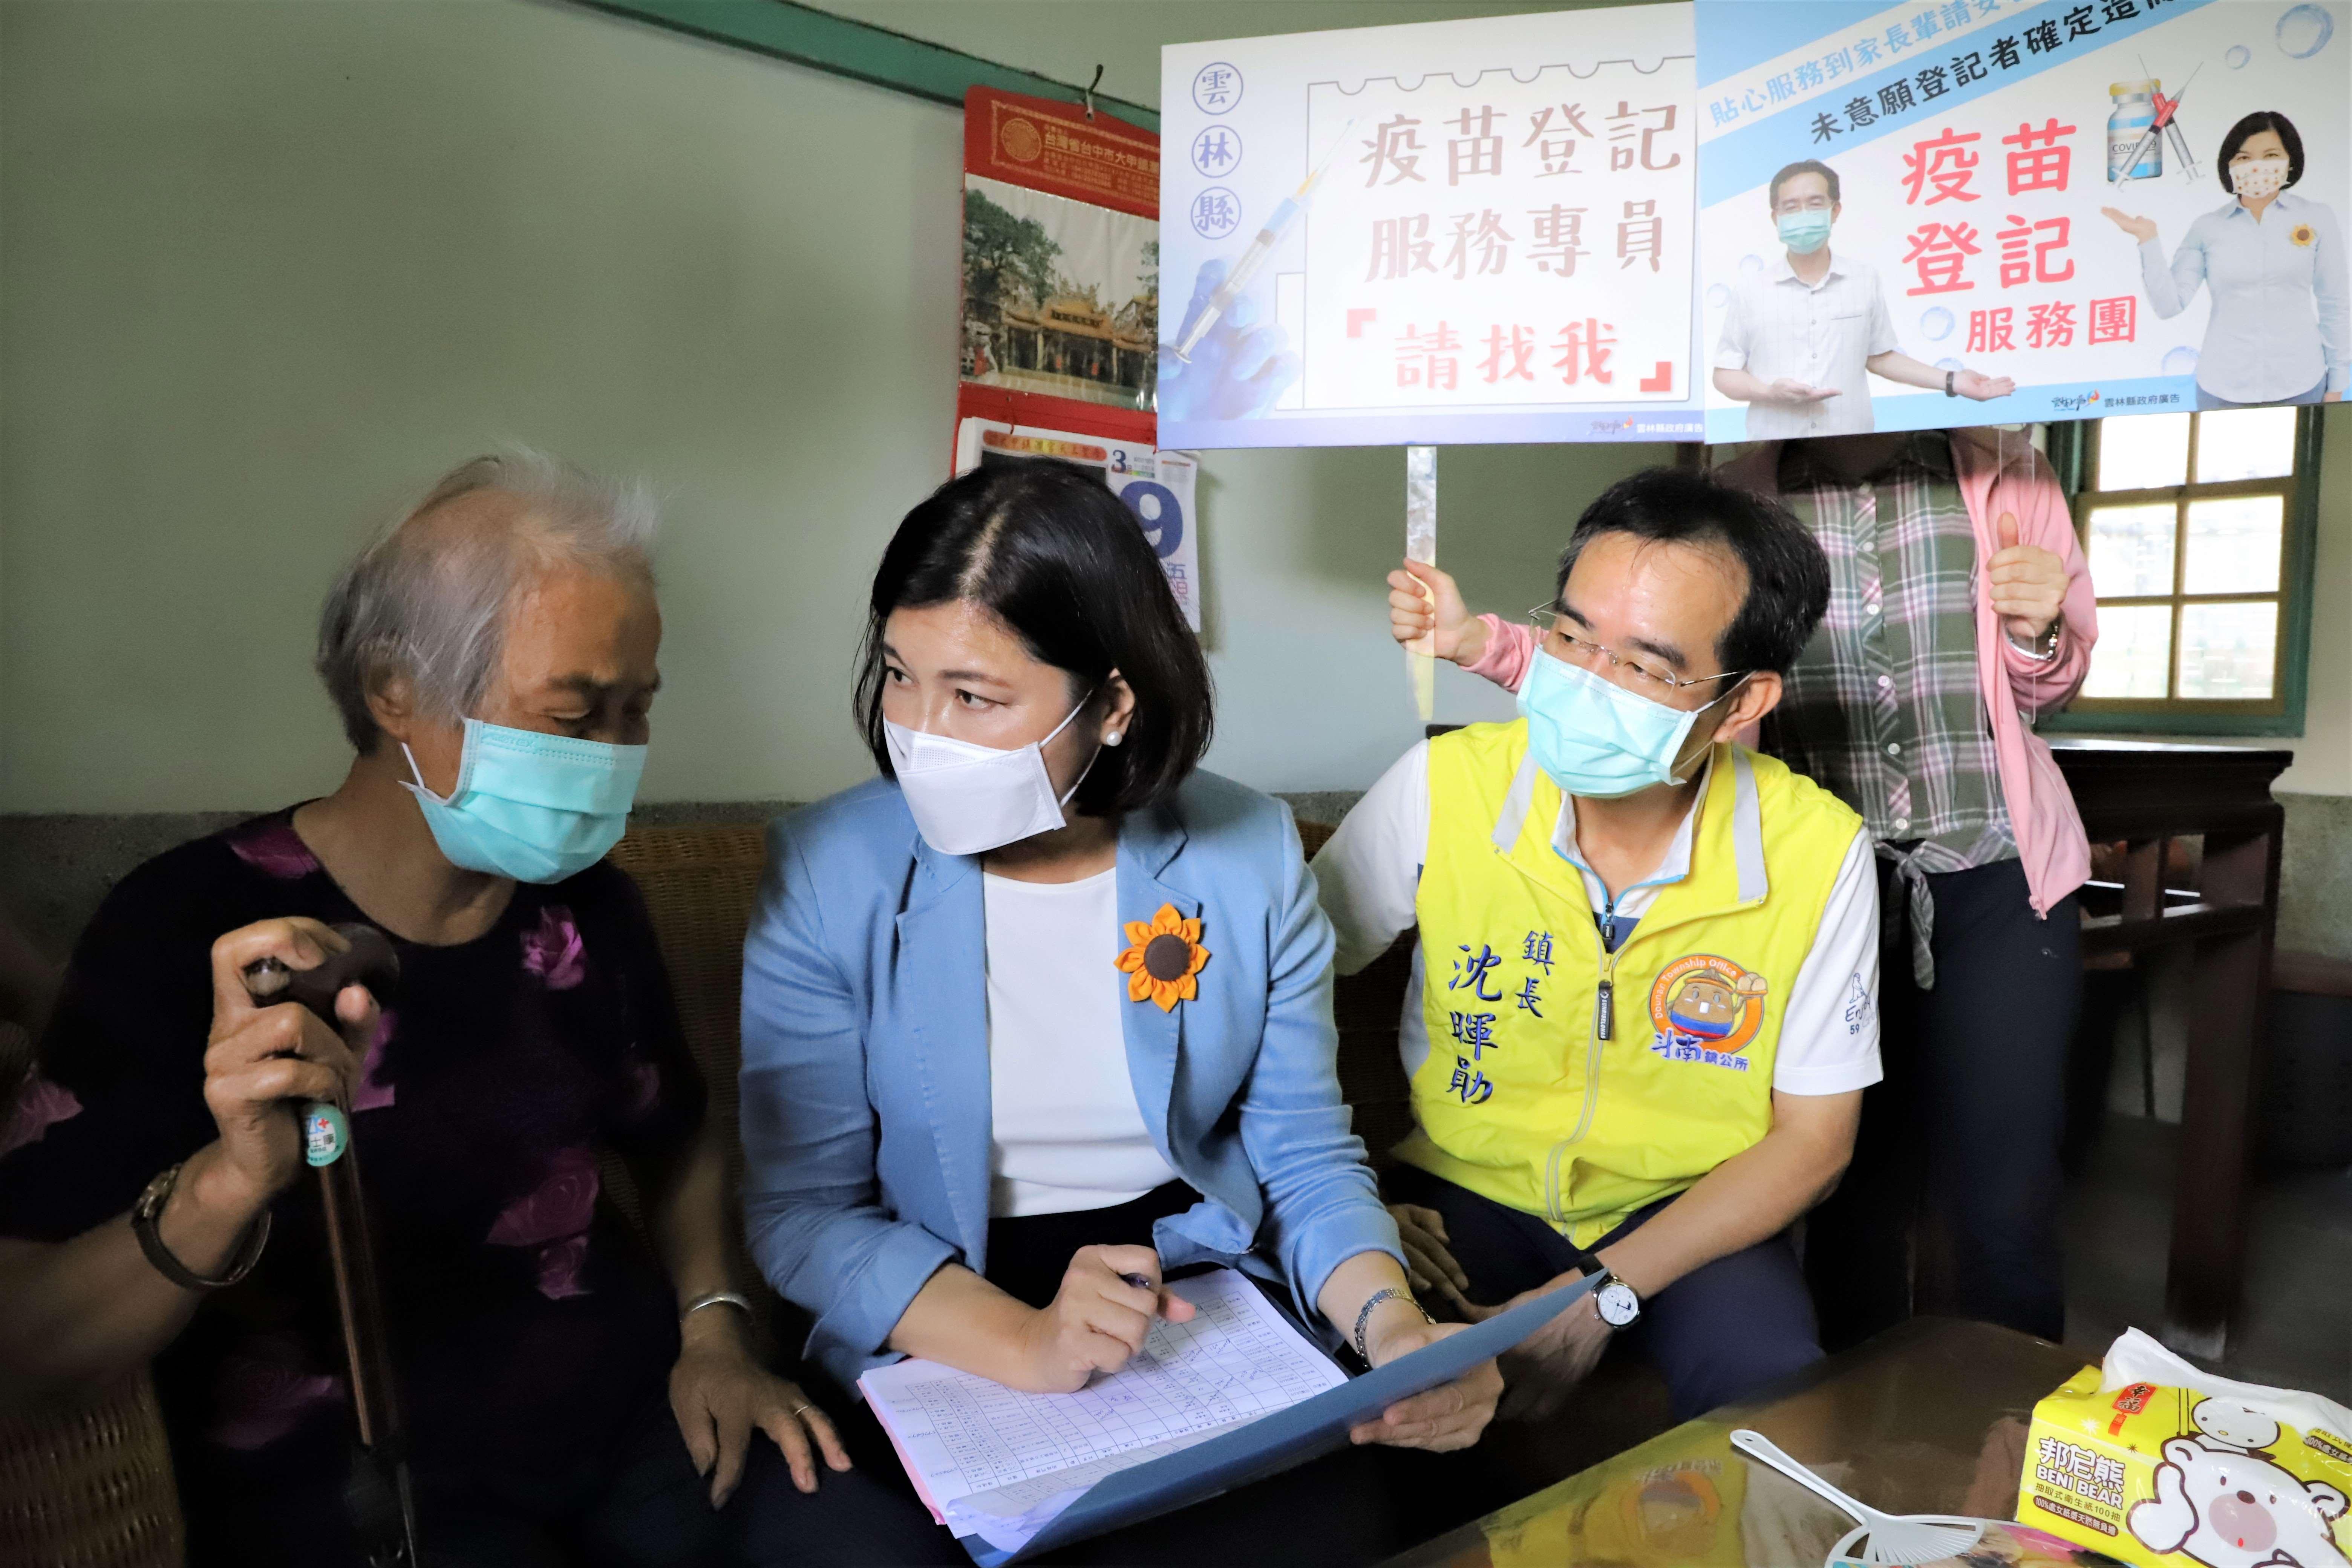 斗南鎮公所除了在定點協助長輩預約疫苗外,對於行動不便的長者更提供到宅服務。